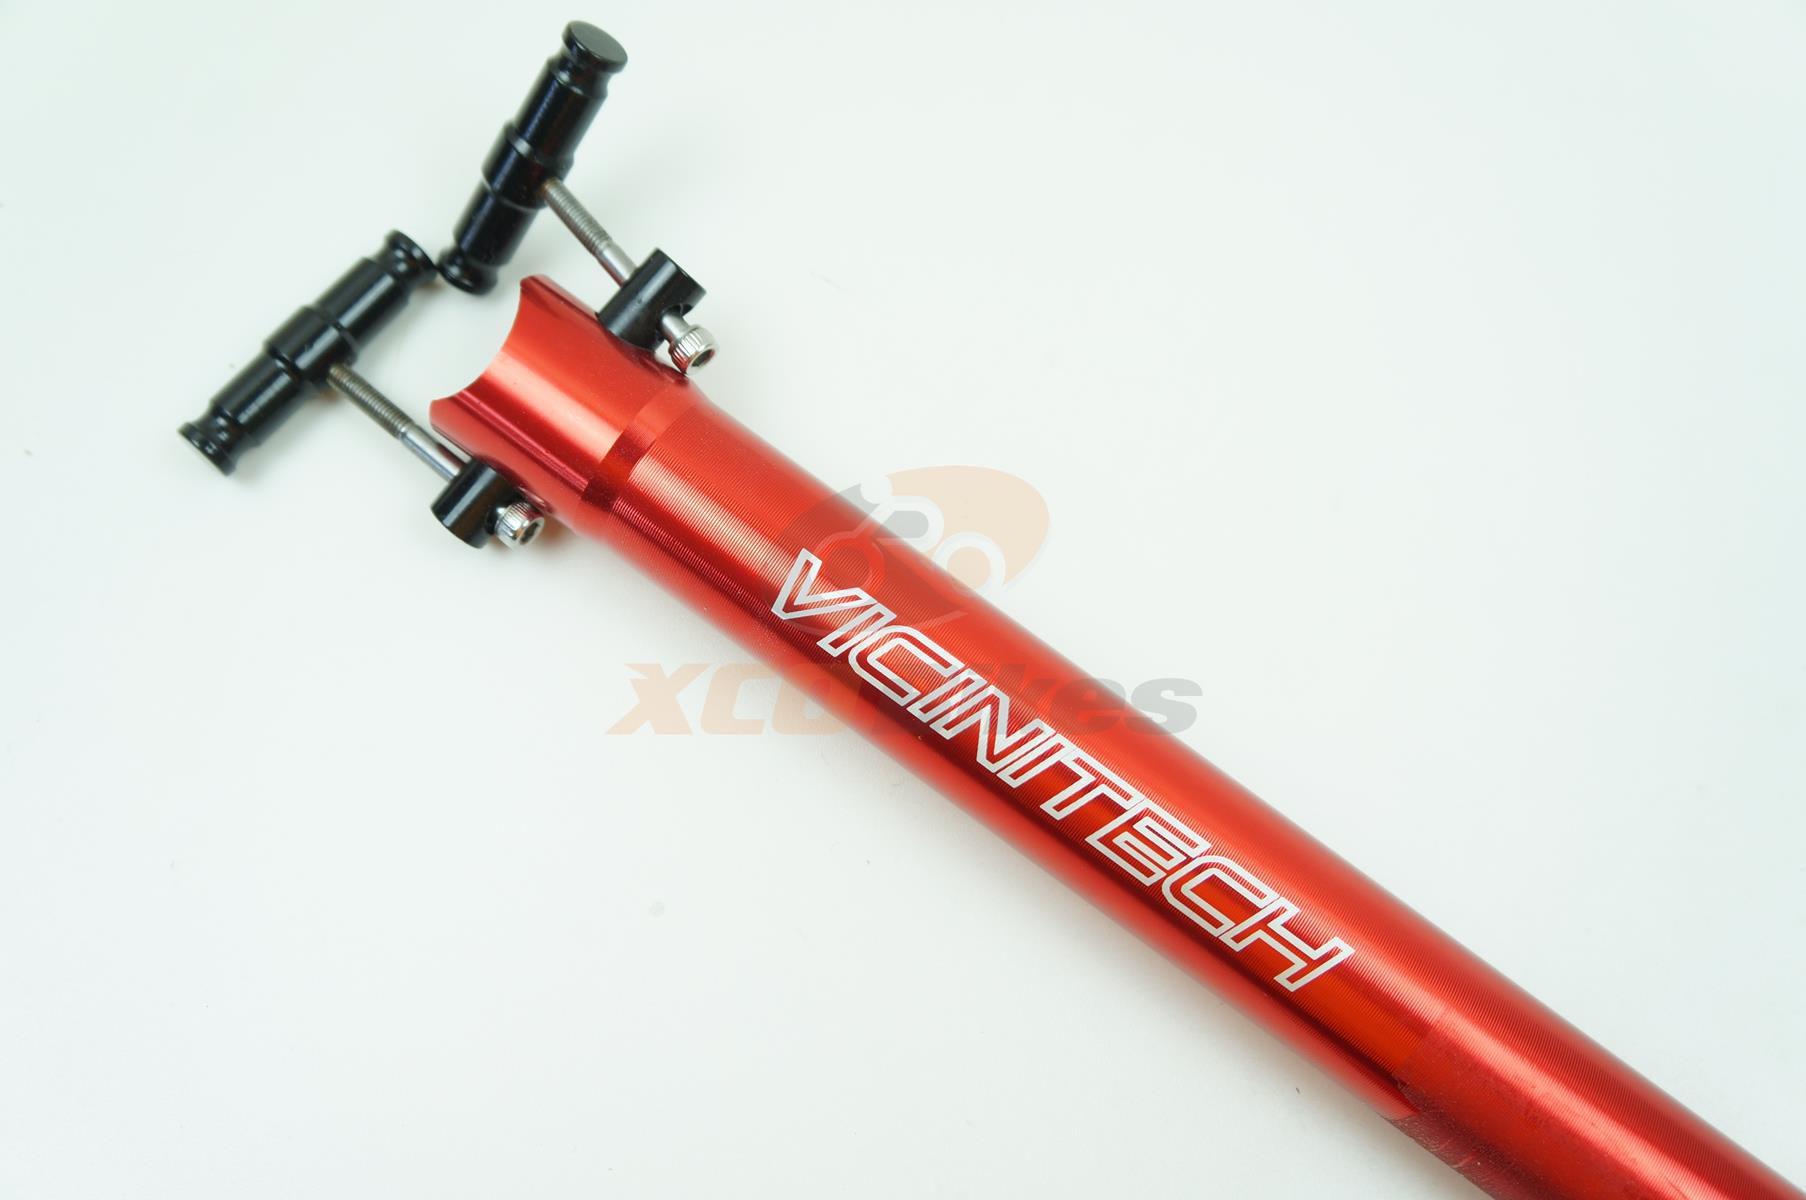 Canote Selim Vicinitech 31.6 400mm com Microajuste cor Vermelho com Blocagem